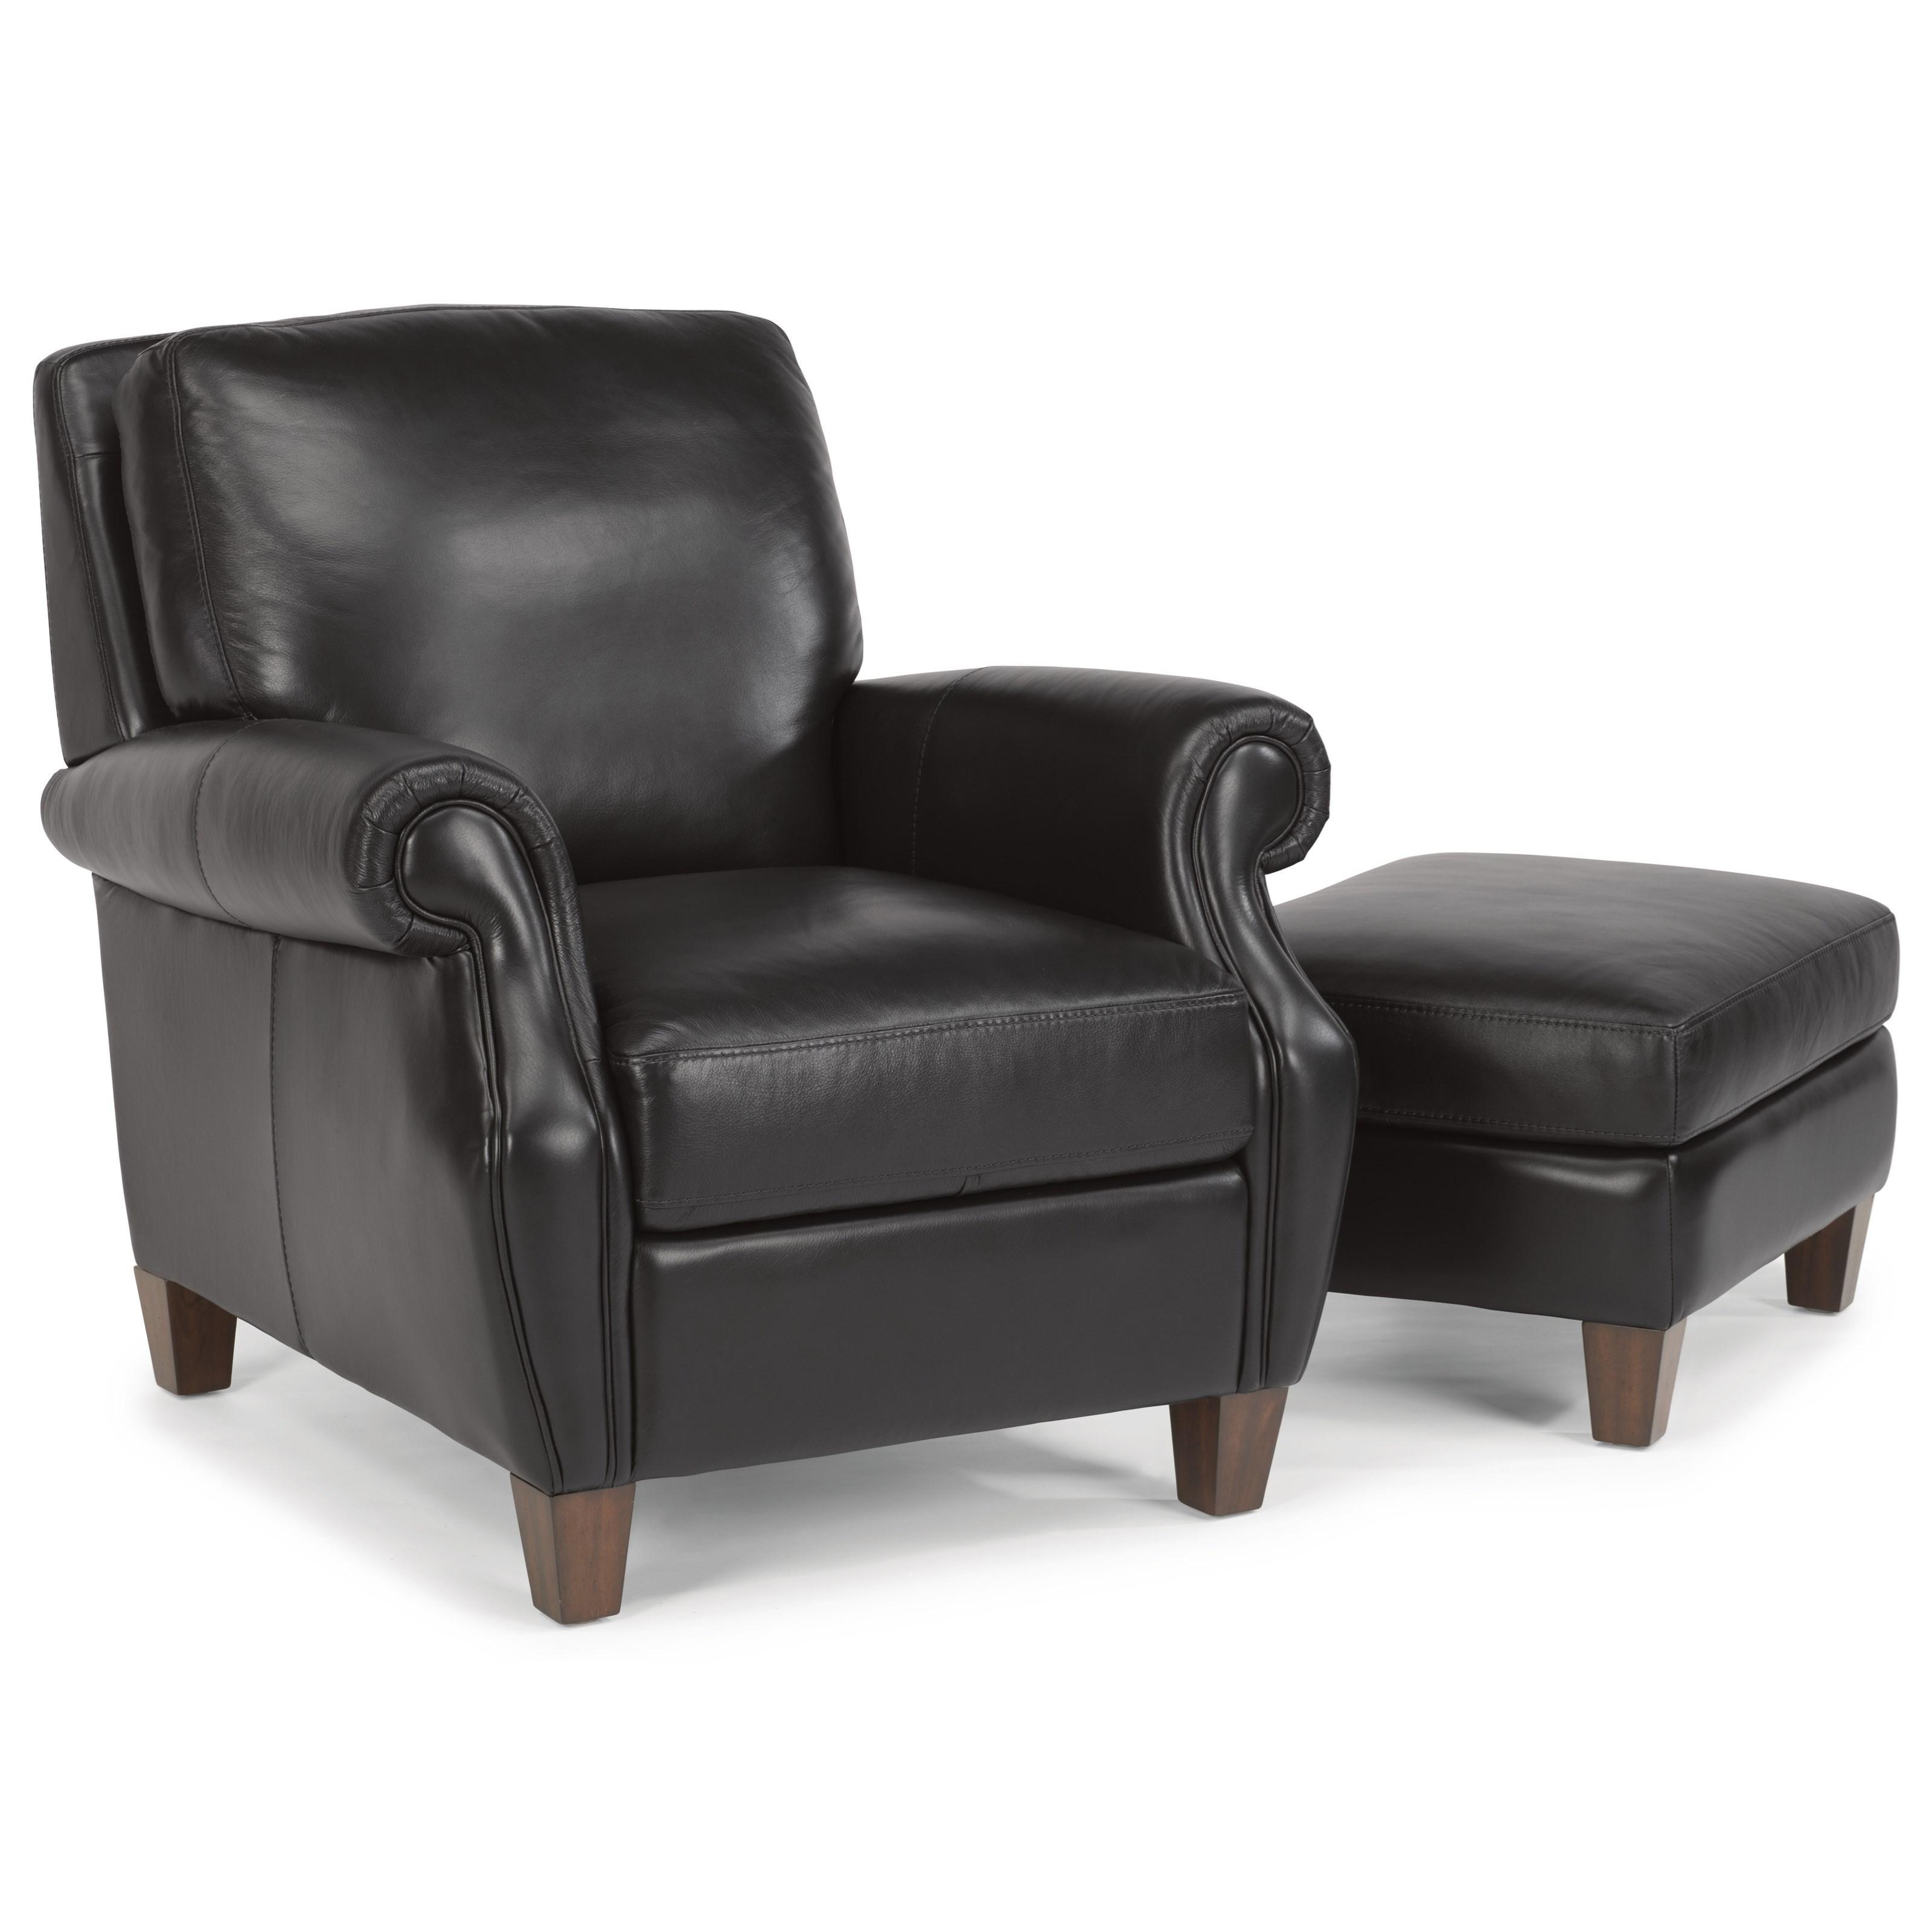 Flexsteel Latitudes-Exton Chair & Ottoman Set - Item Number: 1383-10+1383-08